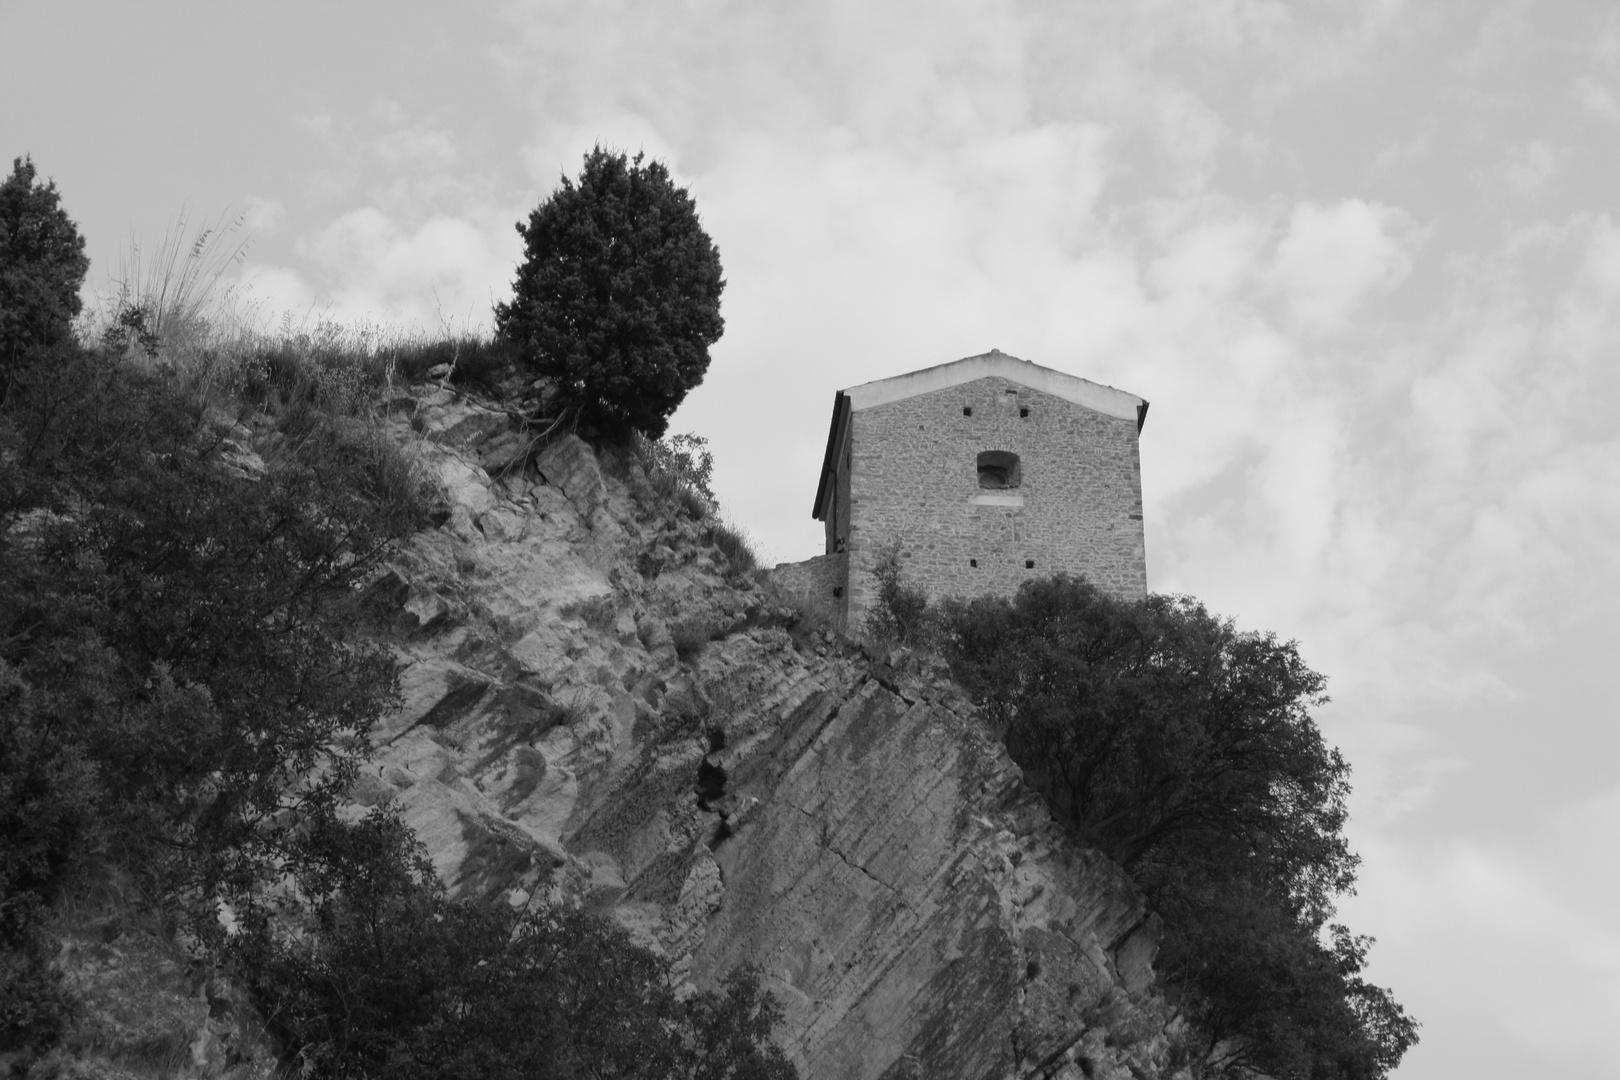 Chateau du moyen age